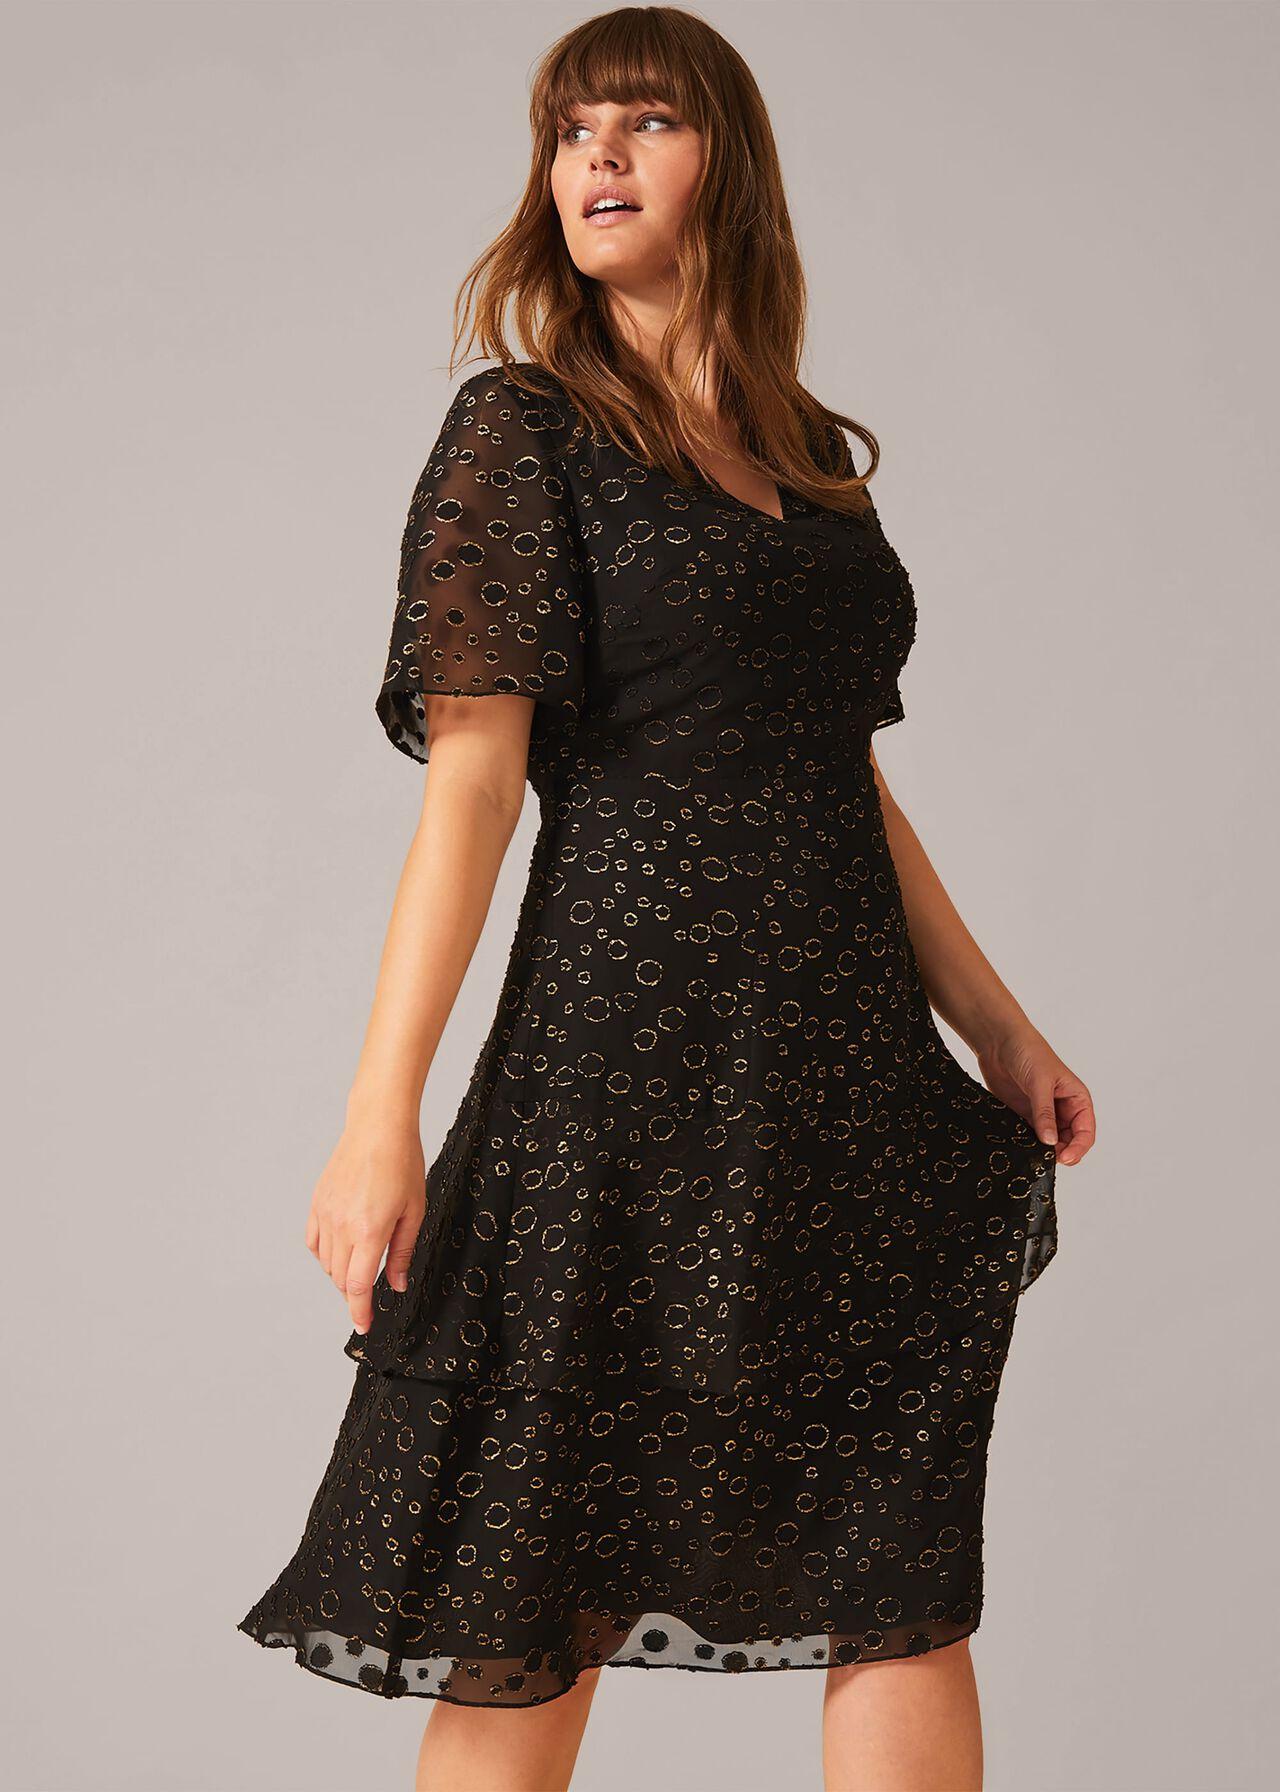 Sammy Foil Spot Dress by Phase Eight